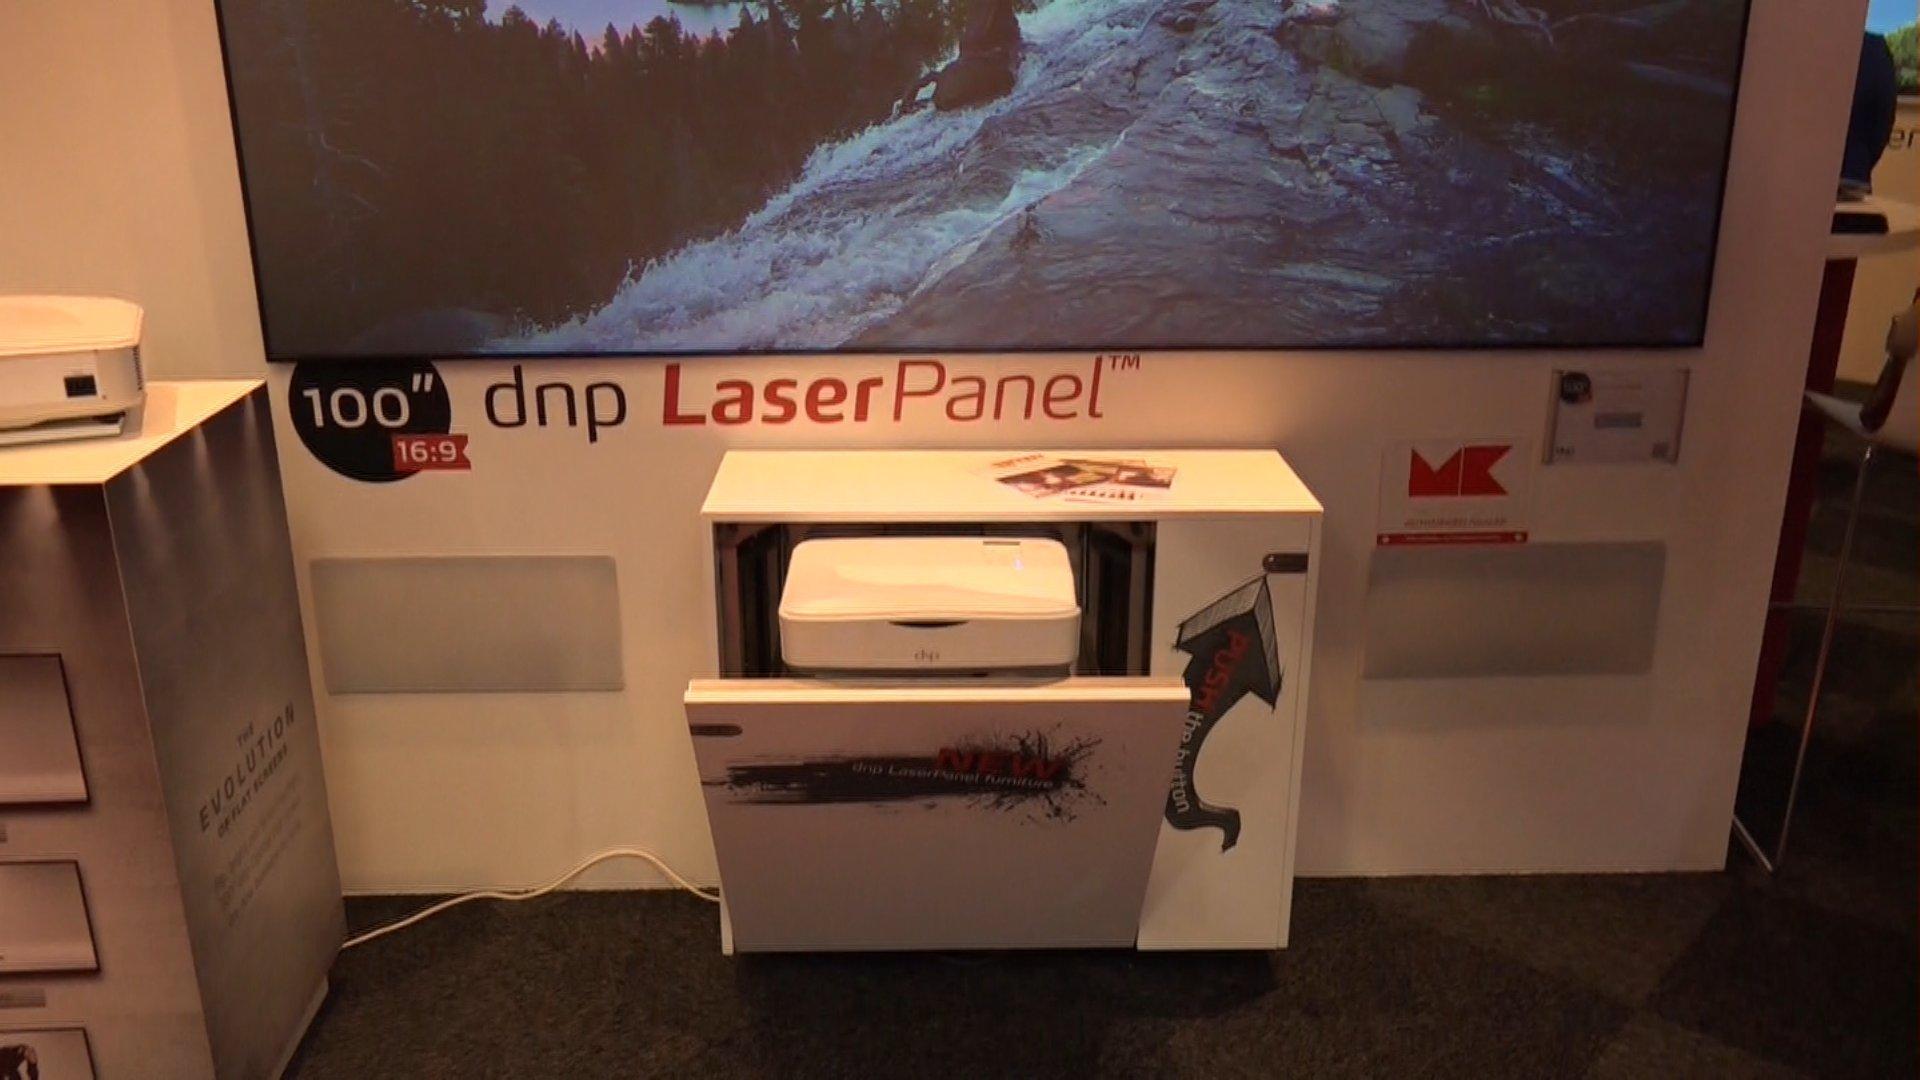 Dnp Laser Pannel Als Tv Ersatz Hier Mehr Erfahren Beamer4u